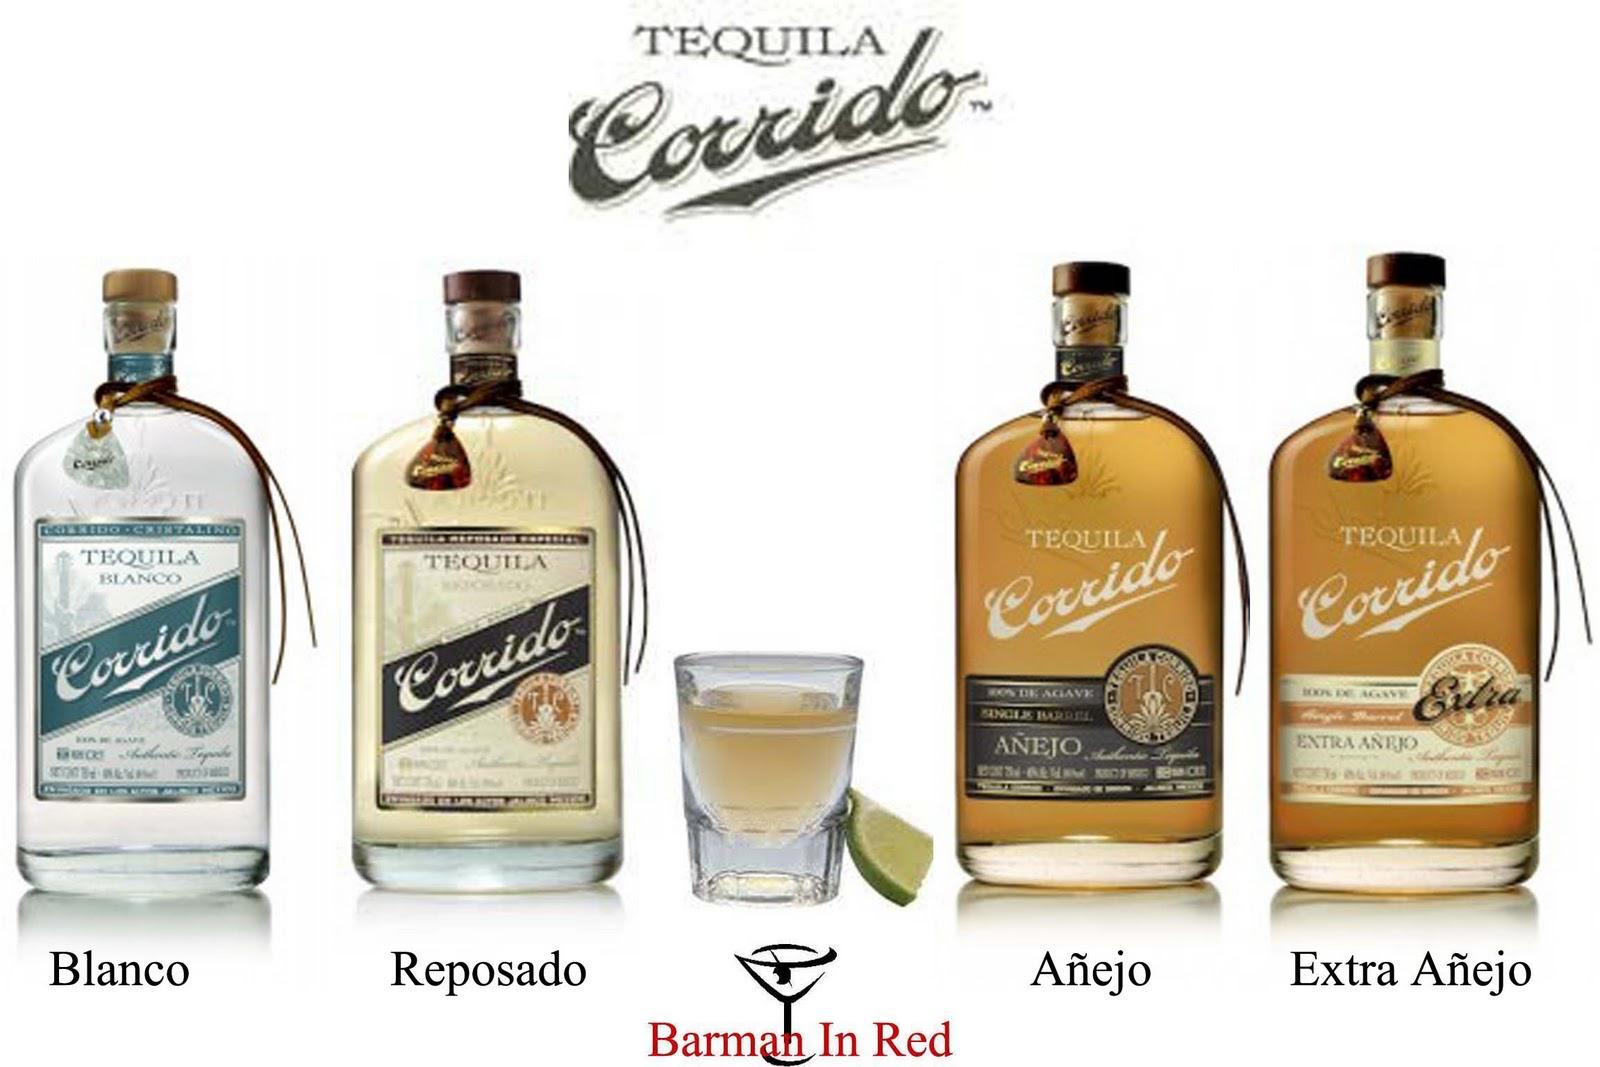 Corrido Tequila Reposado Tequila Corrido se lo Esta